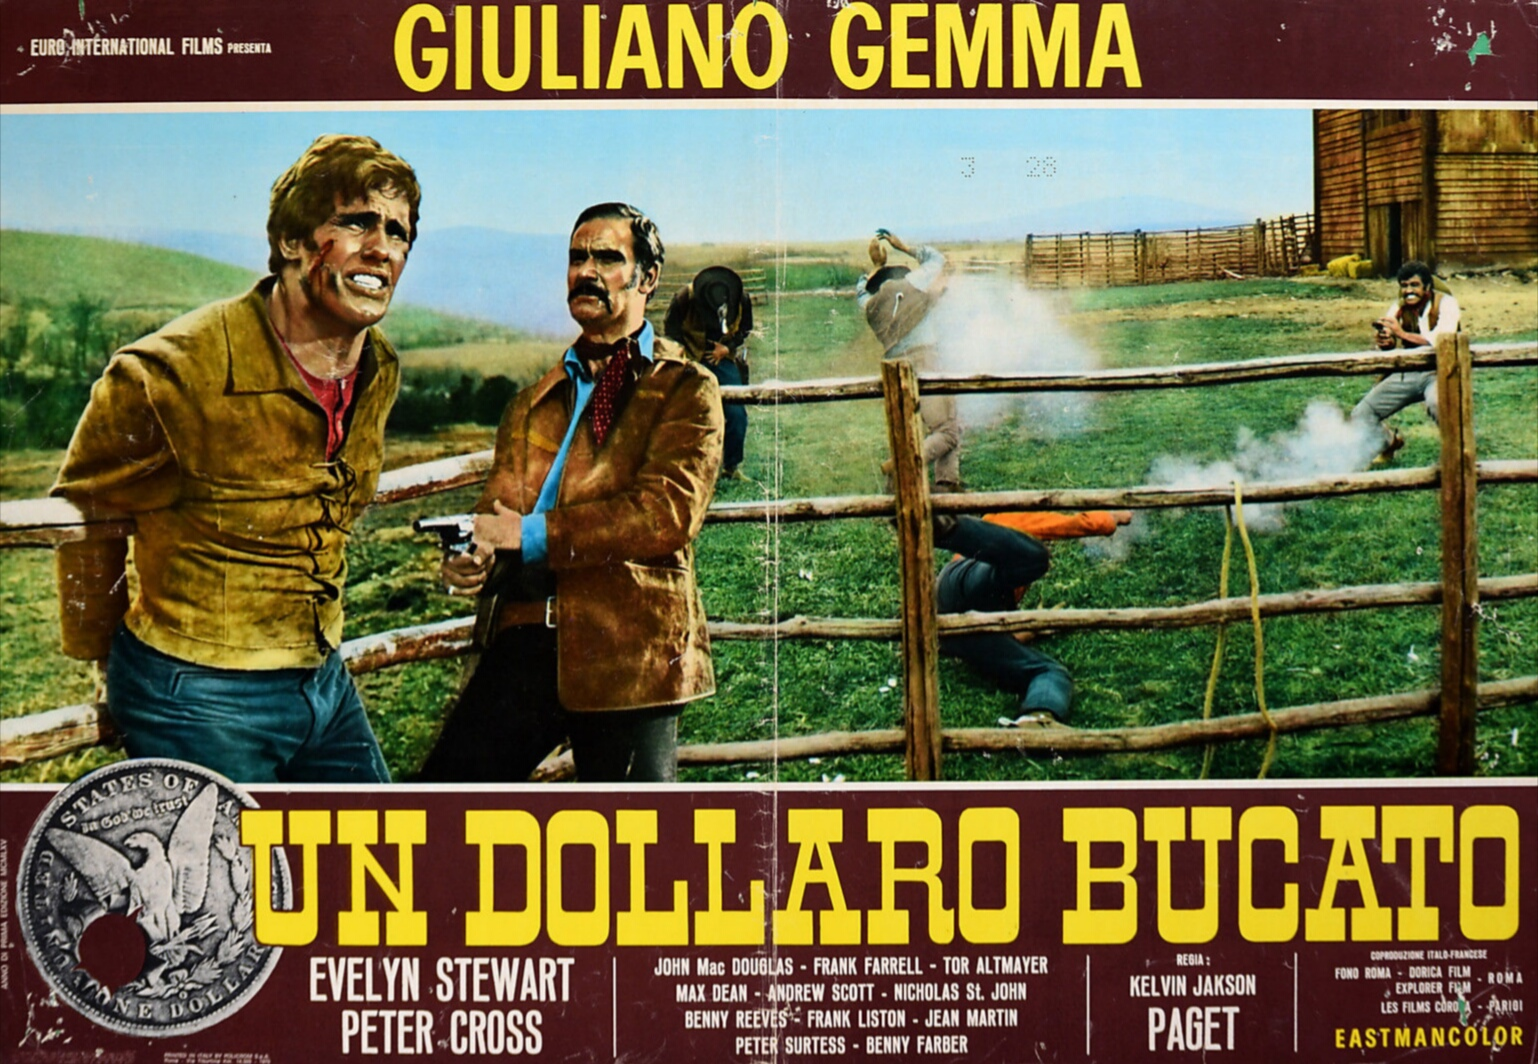 Un Dollaro Bucato Il Capolavoro Di Gianni Ferrio In Silver Vinyl Macchiato Rosso Sangue Indie Eye Cinema Rivista Di Critica Cinematografica